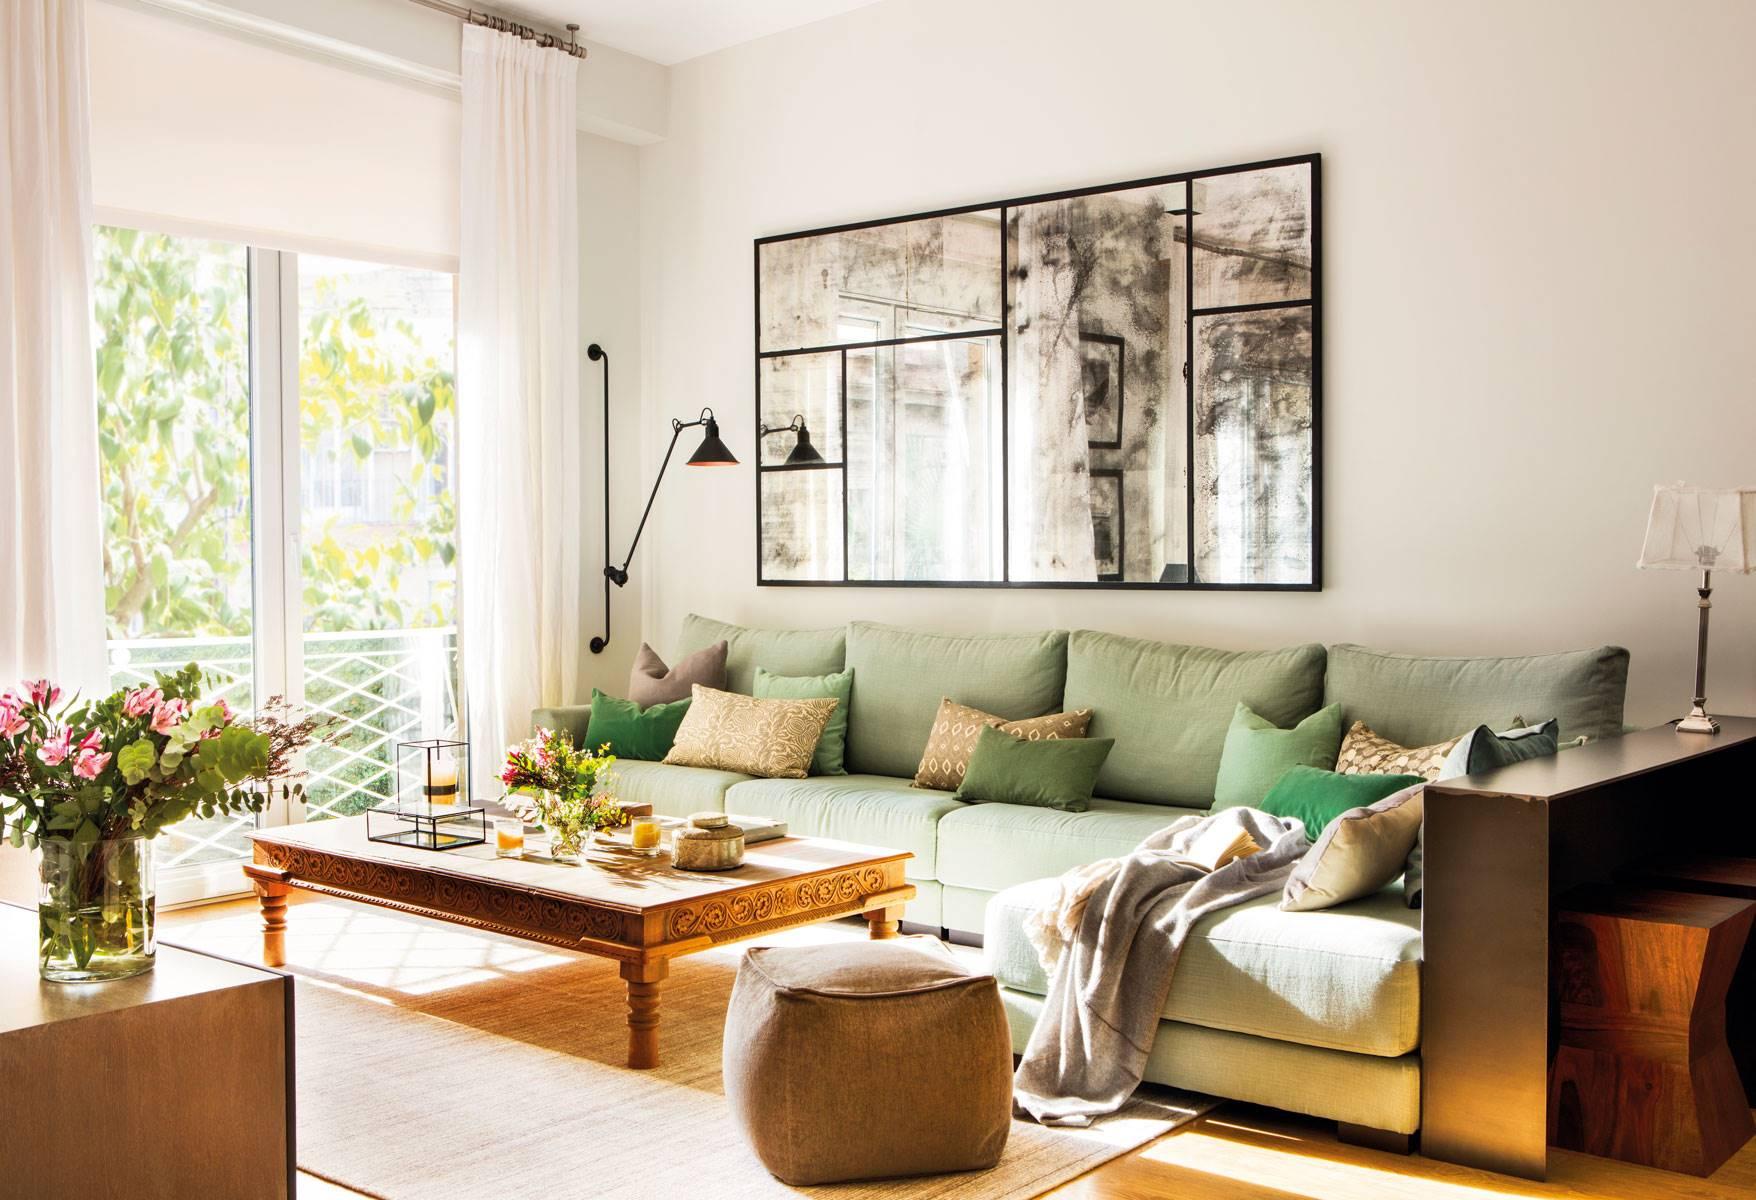 Cu nto cuesta tapizar una silla un sof un cabecero y - Tapizar sofas en casa ...